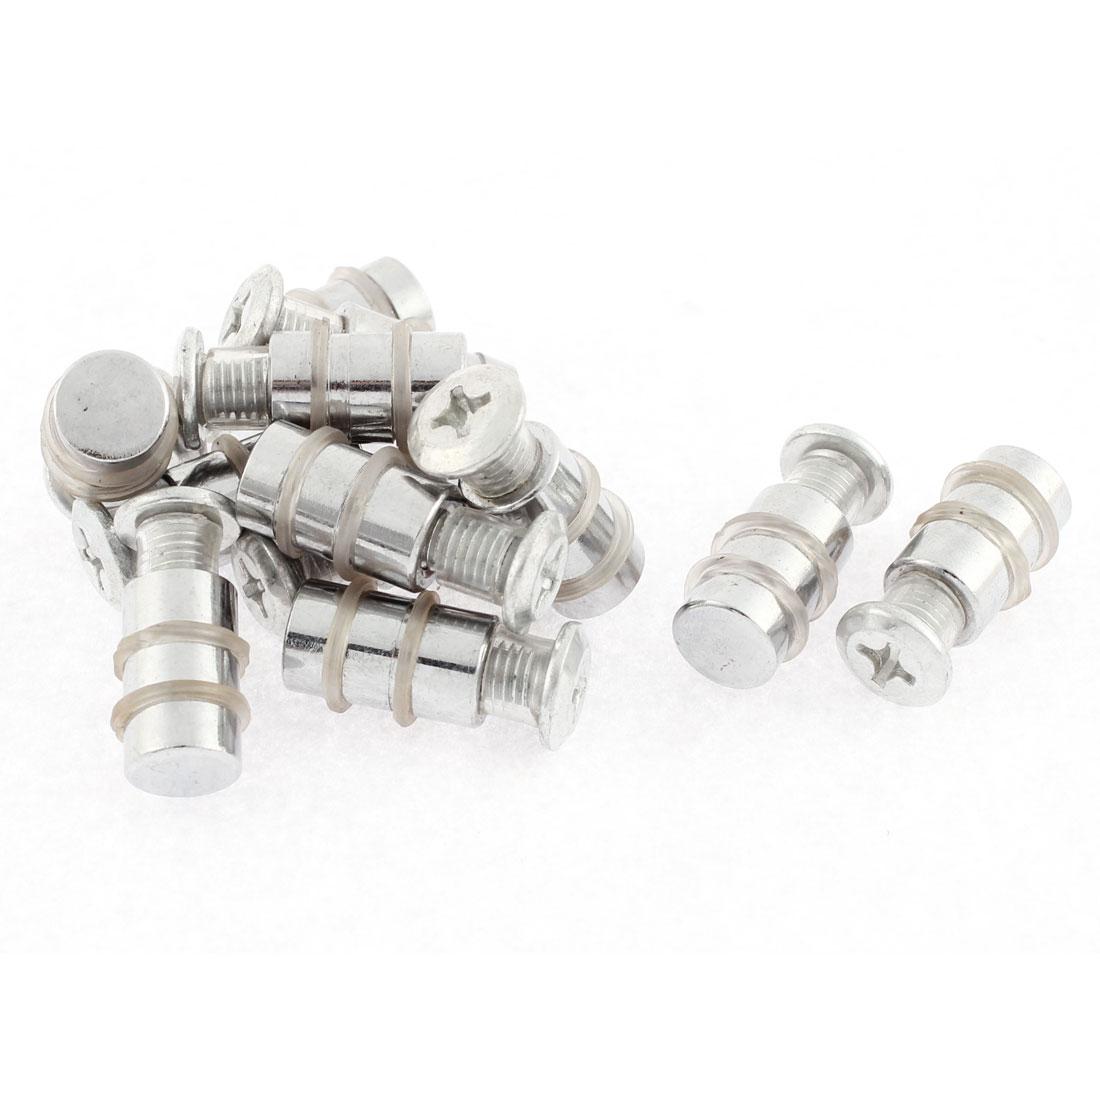 Furniture Shelf 6mm Thread Dia Single Head Metal Studs Pegs Supports Pin 12 Pcs